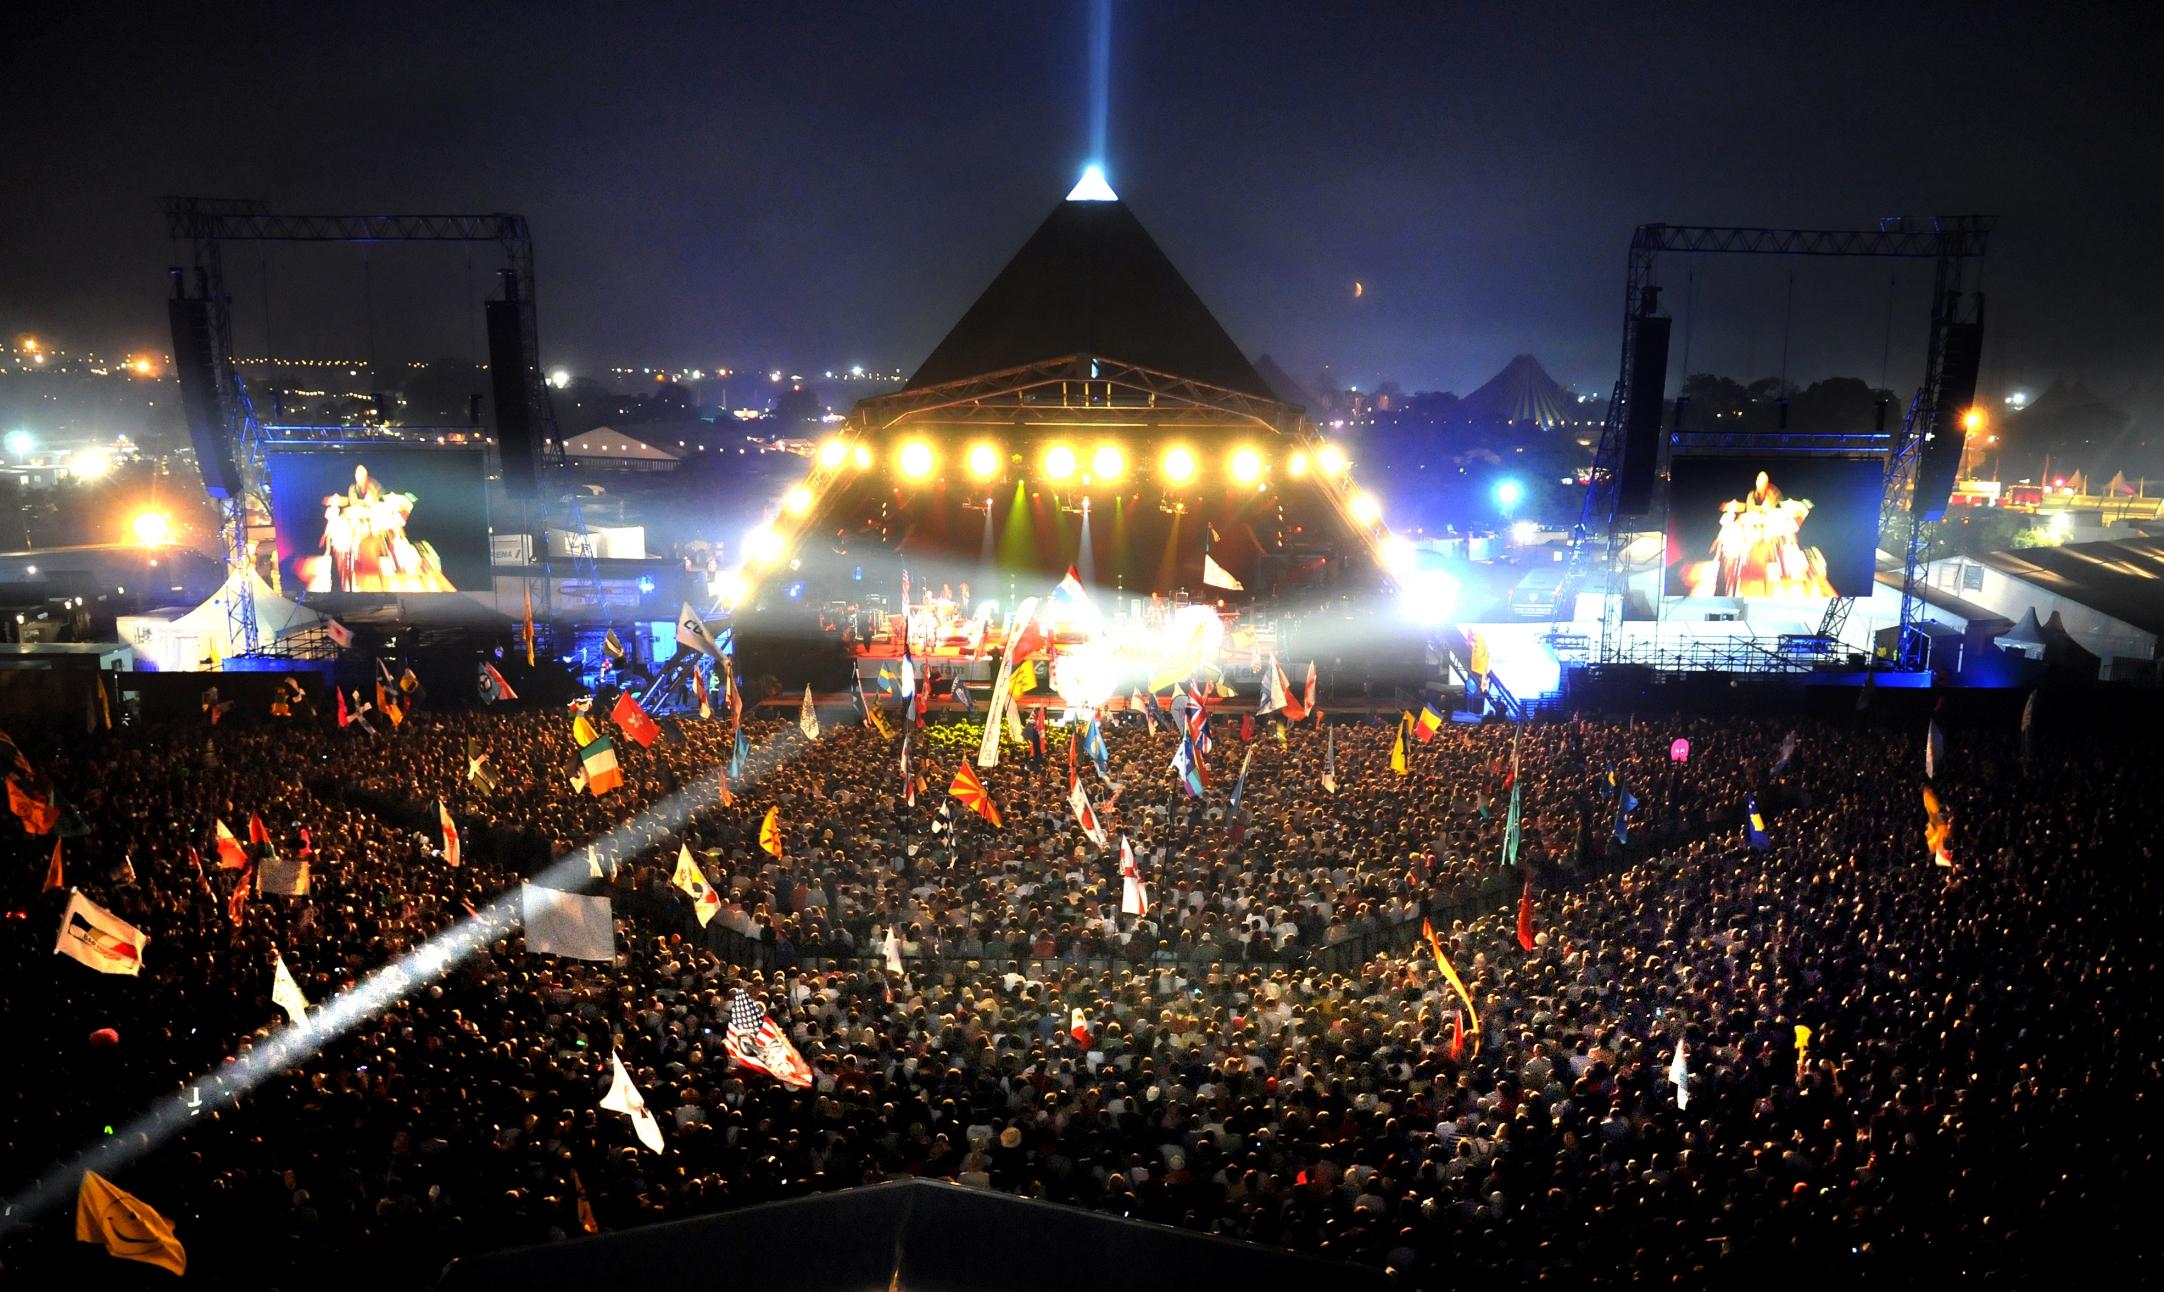 Escenario principal del Festival de Glastonbury en Reino Unido © Gig Addict